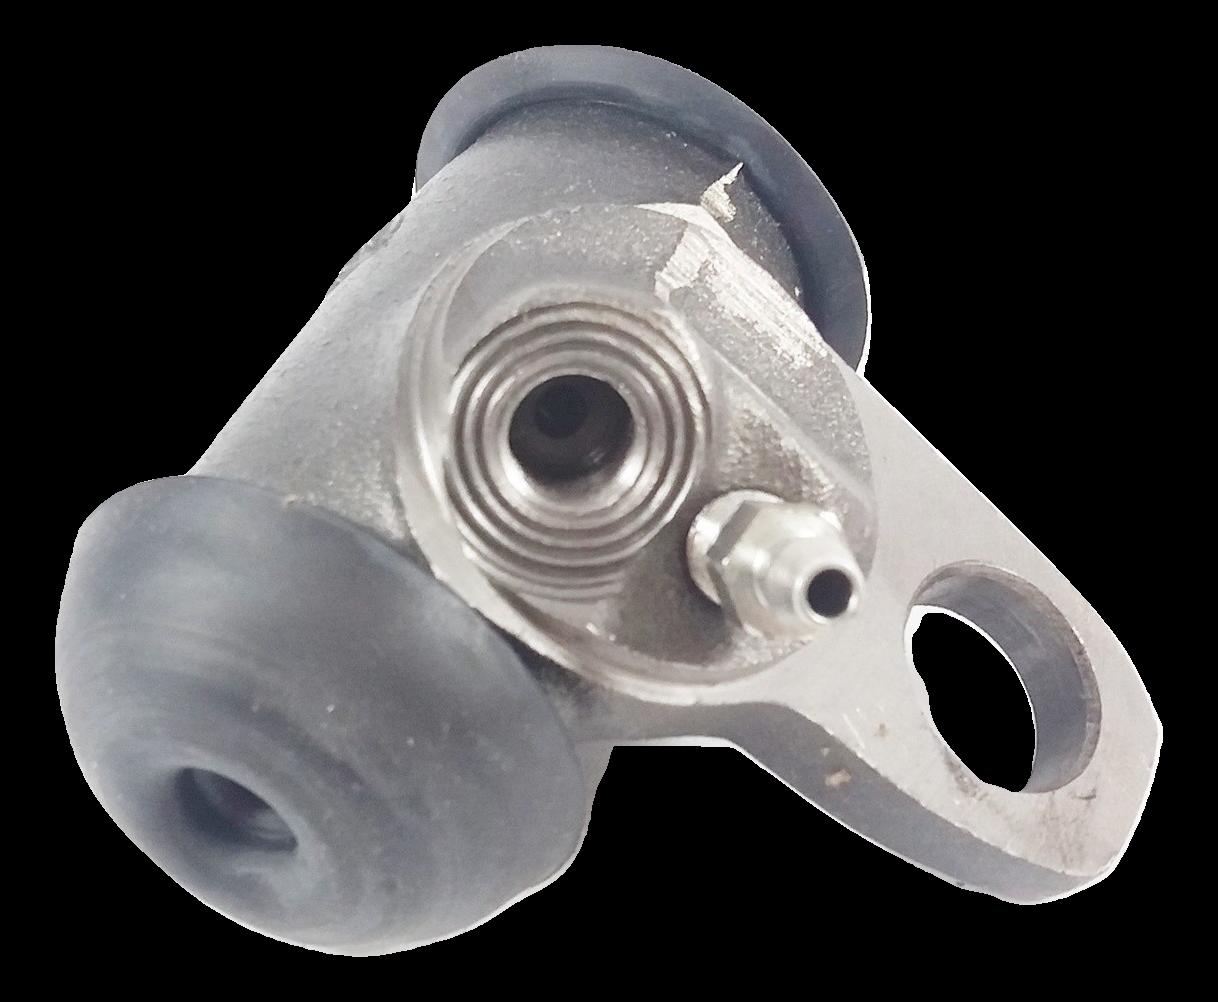 Cilindro de Roda - 28,57mm - GM - C10 / C14 / C15 / C16 / Veraneio (Dianteiro - Direito) - (75/78) - C-3420